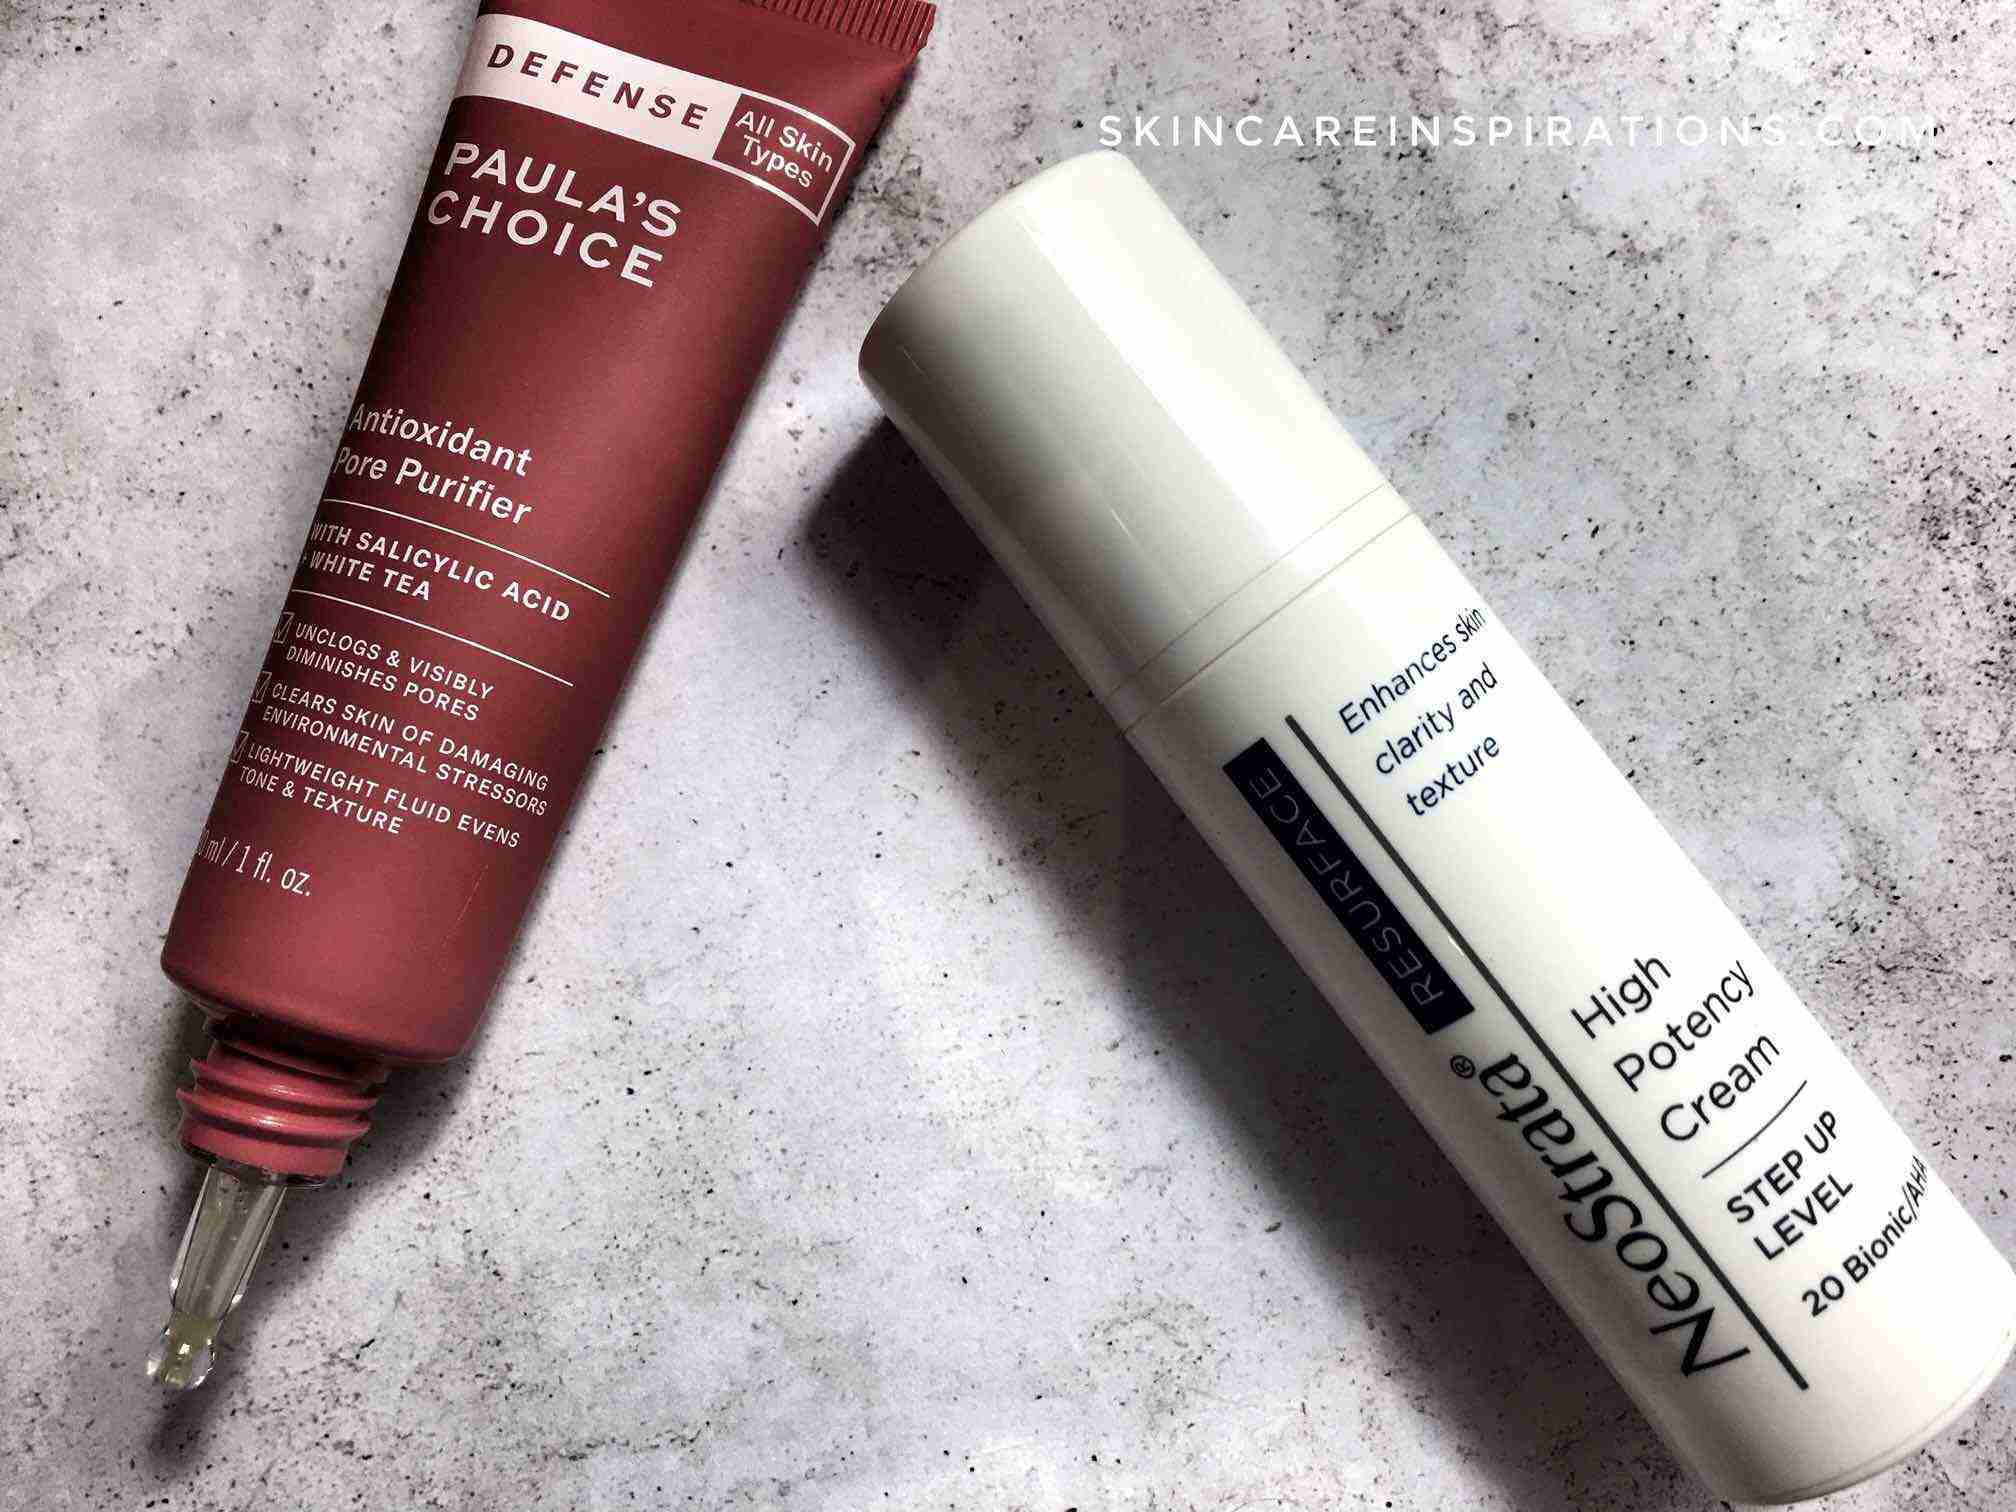 Hautpflege Fehlkäufe